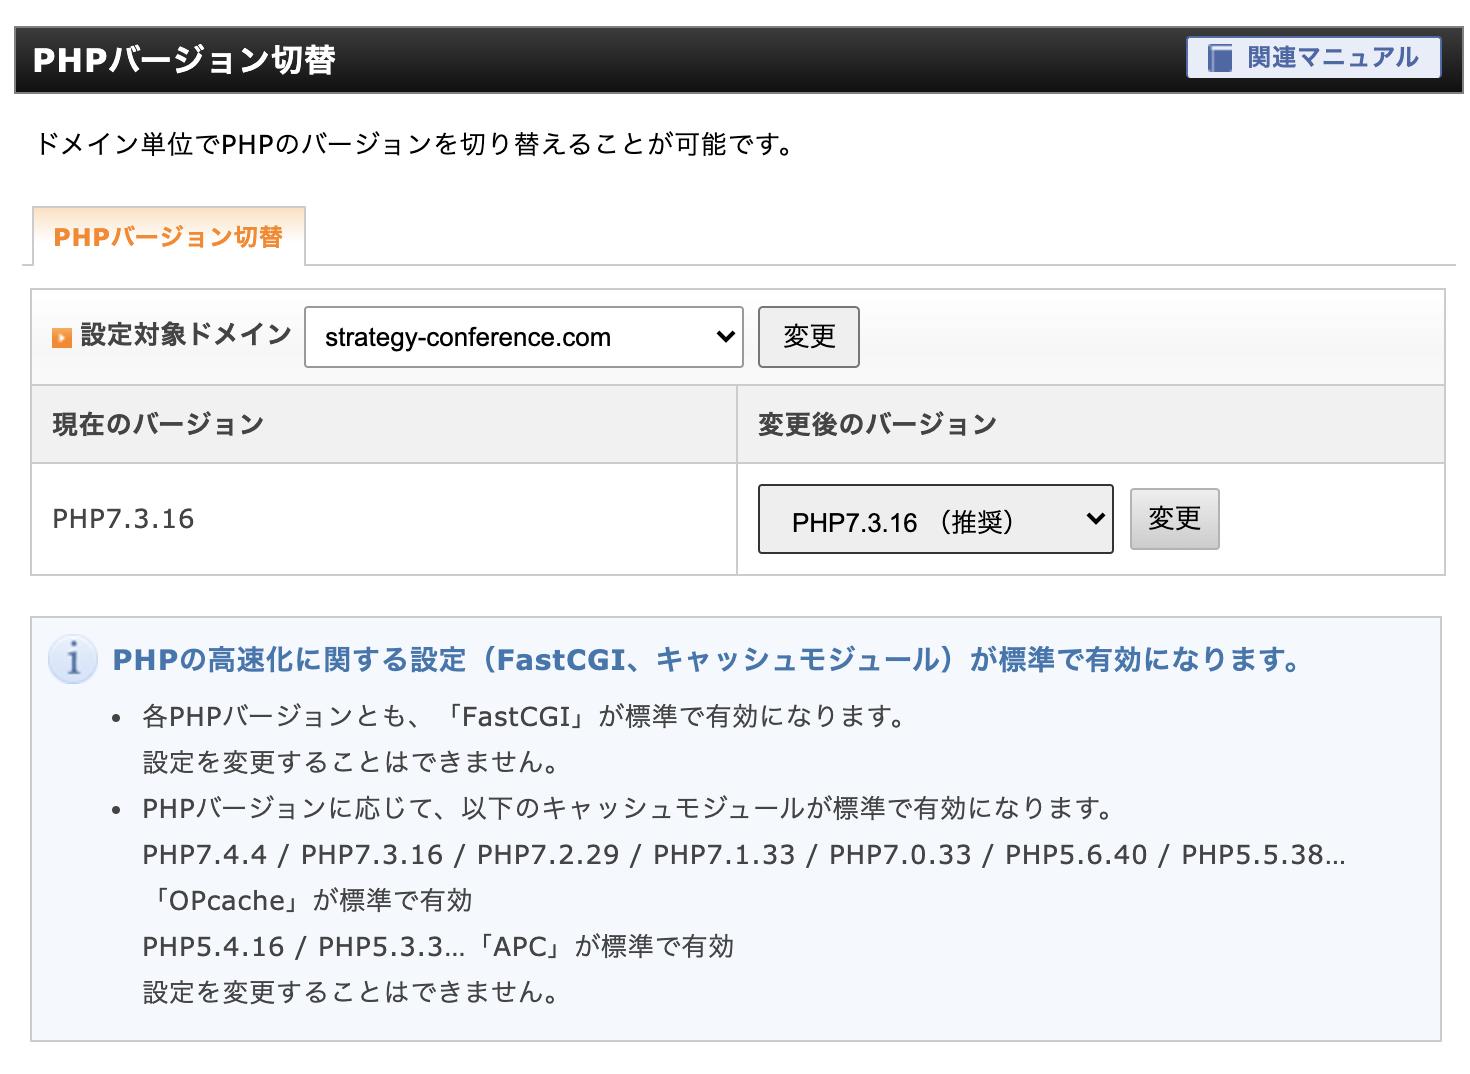 phpのバージョンを新しく